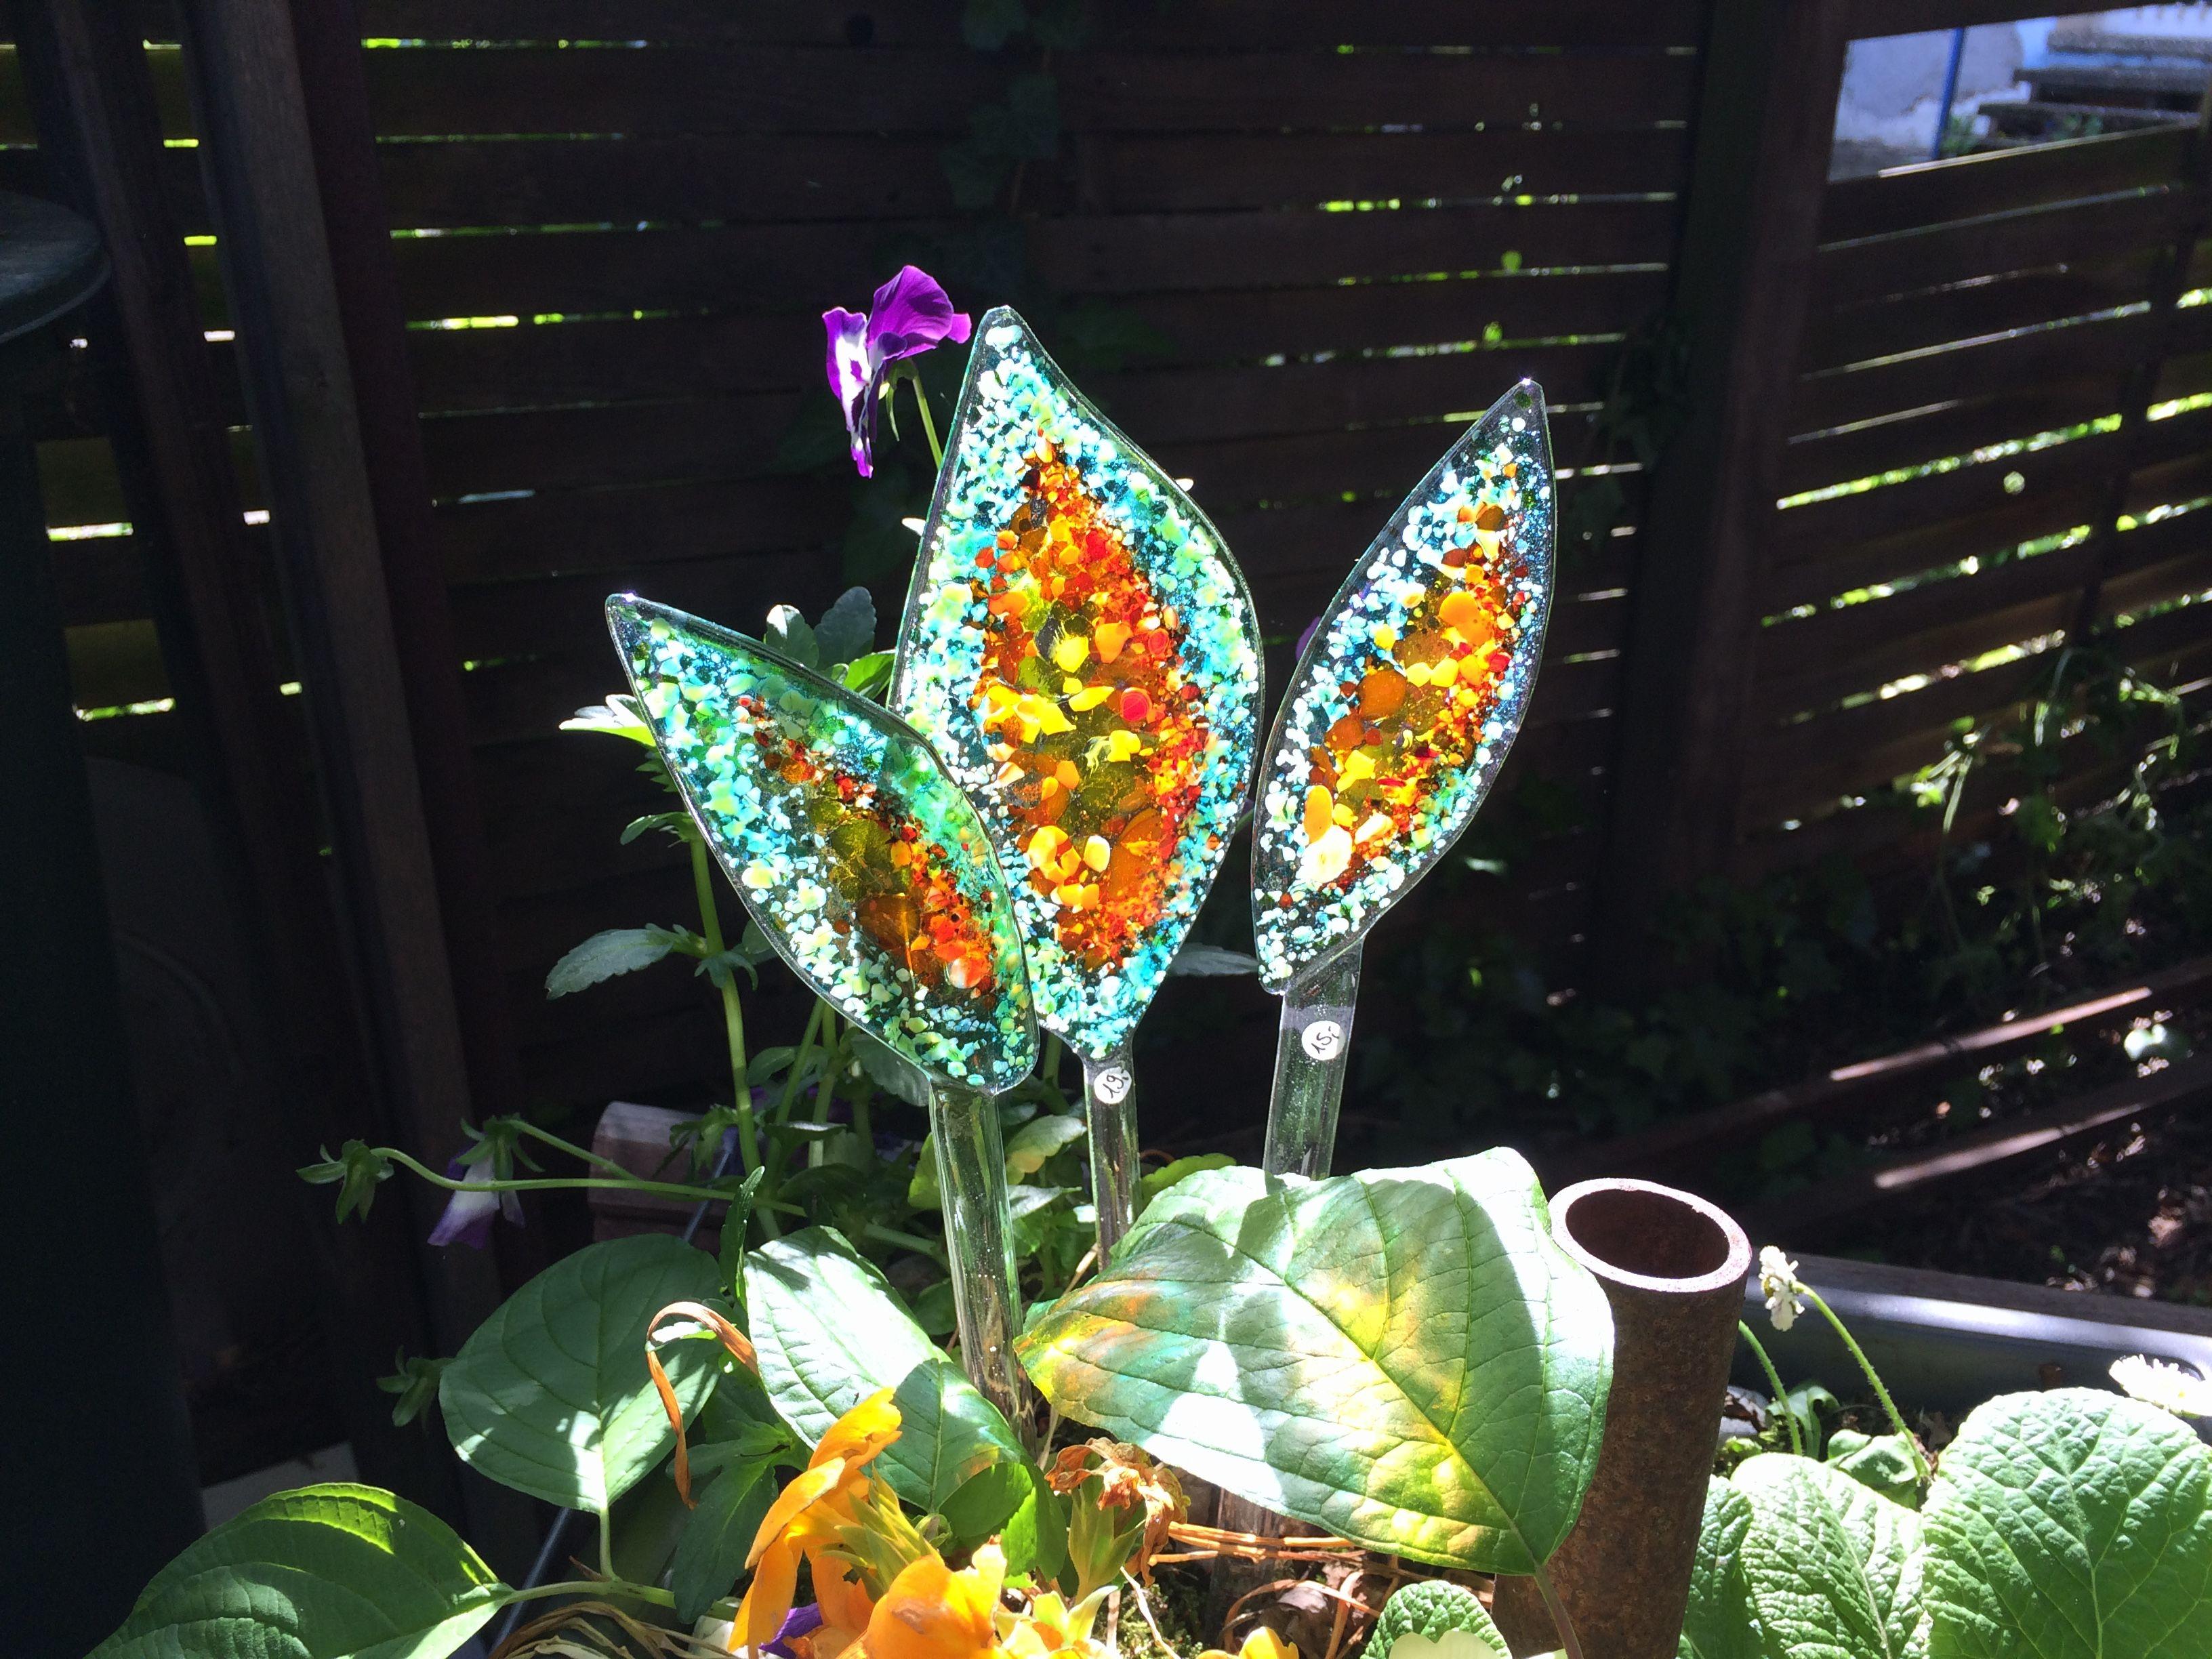 Farbenfrohe Gartenstecker aus geschmolzenem Glas, frostfest! Andere Formen, Farben und Größen auf Anfrage lieferbar.